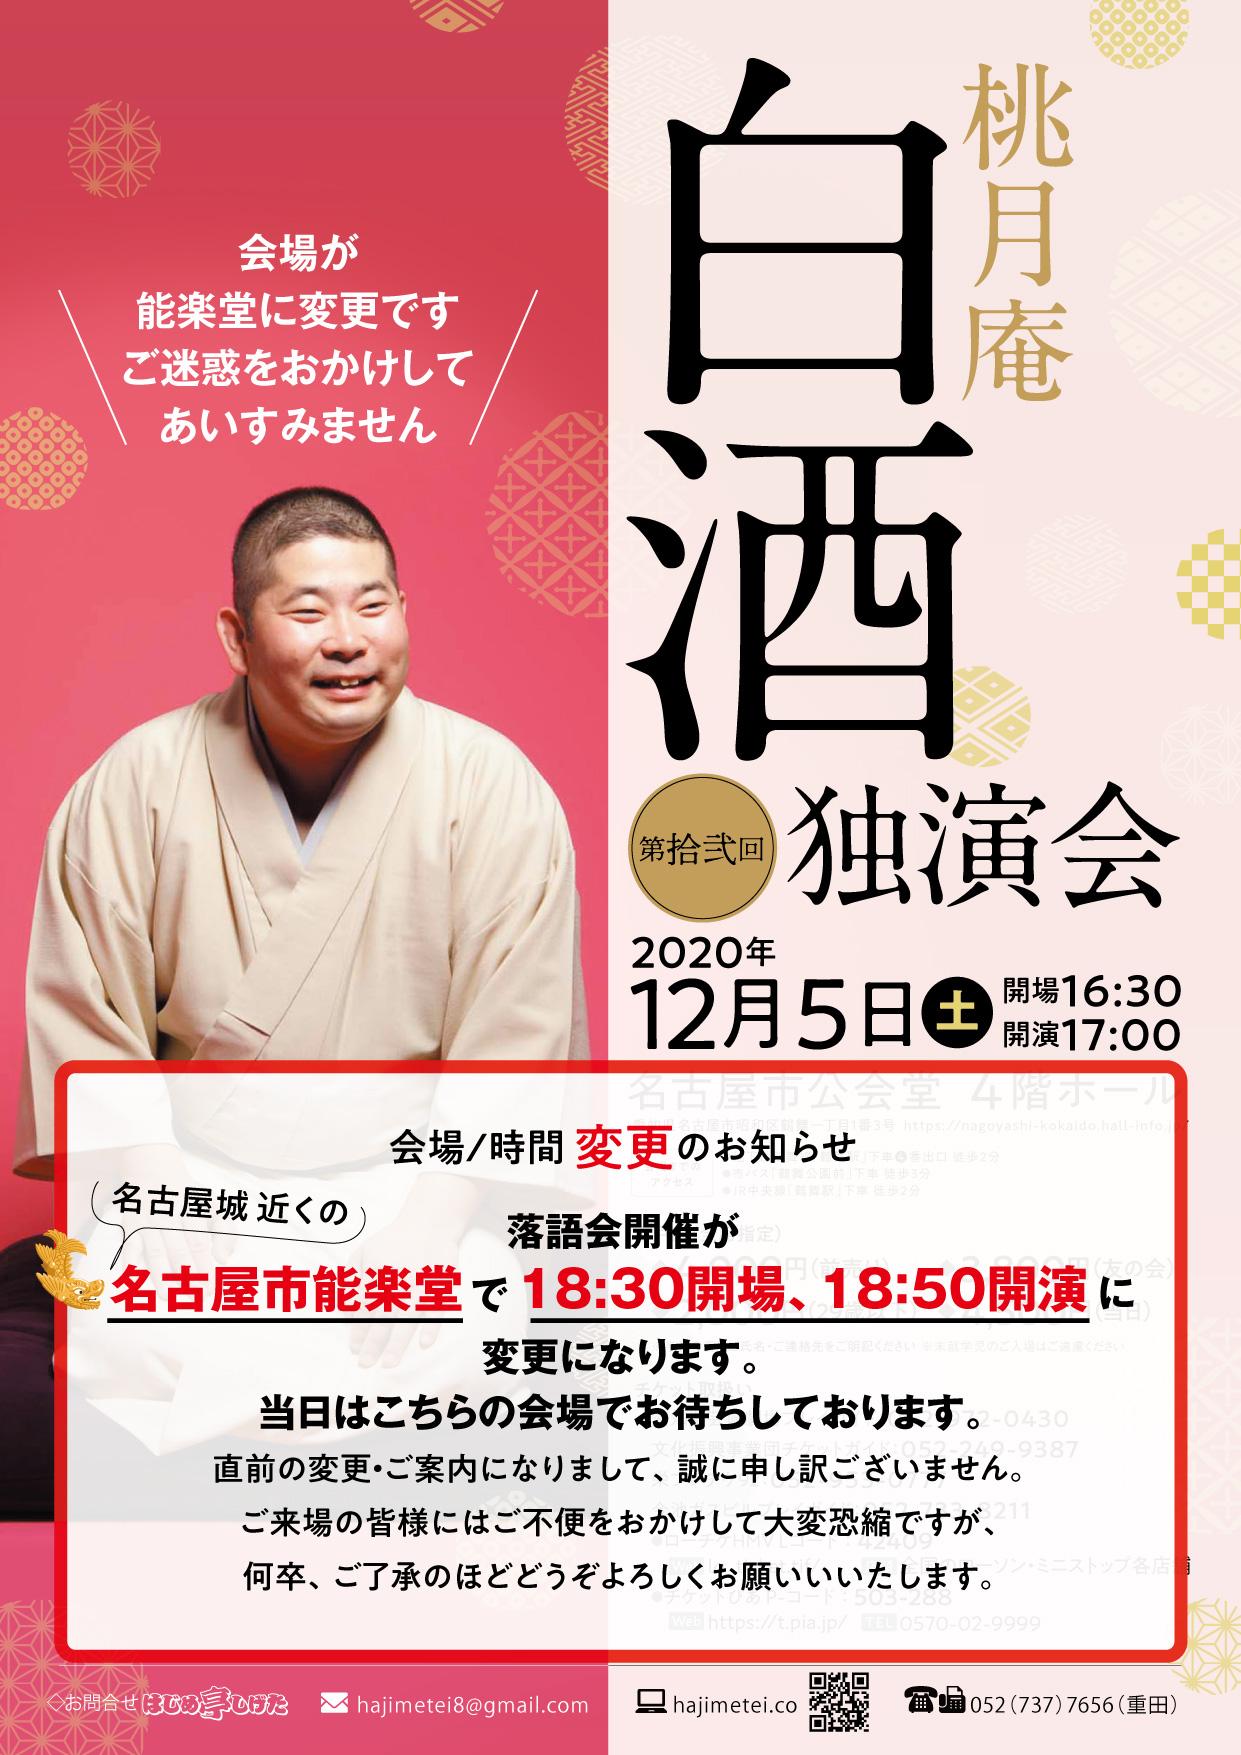 桃月庵白酒独演会_12_1205用-01 (2)